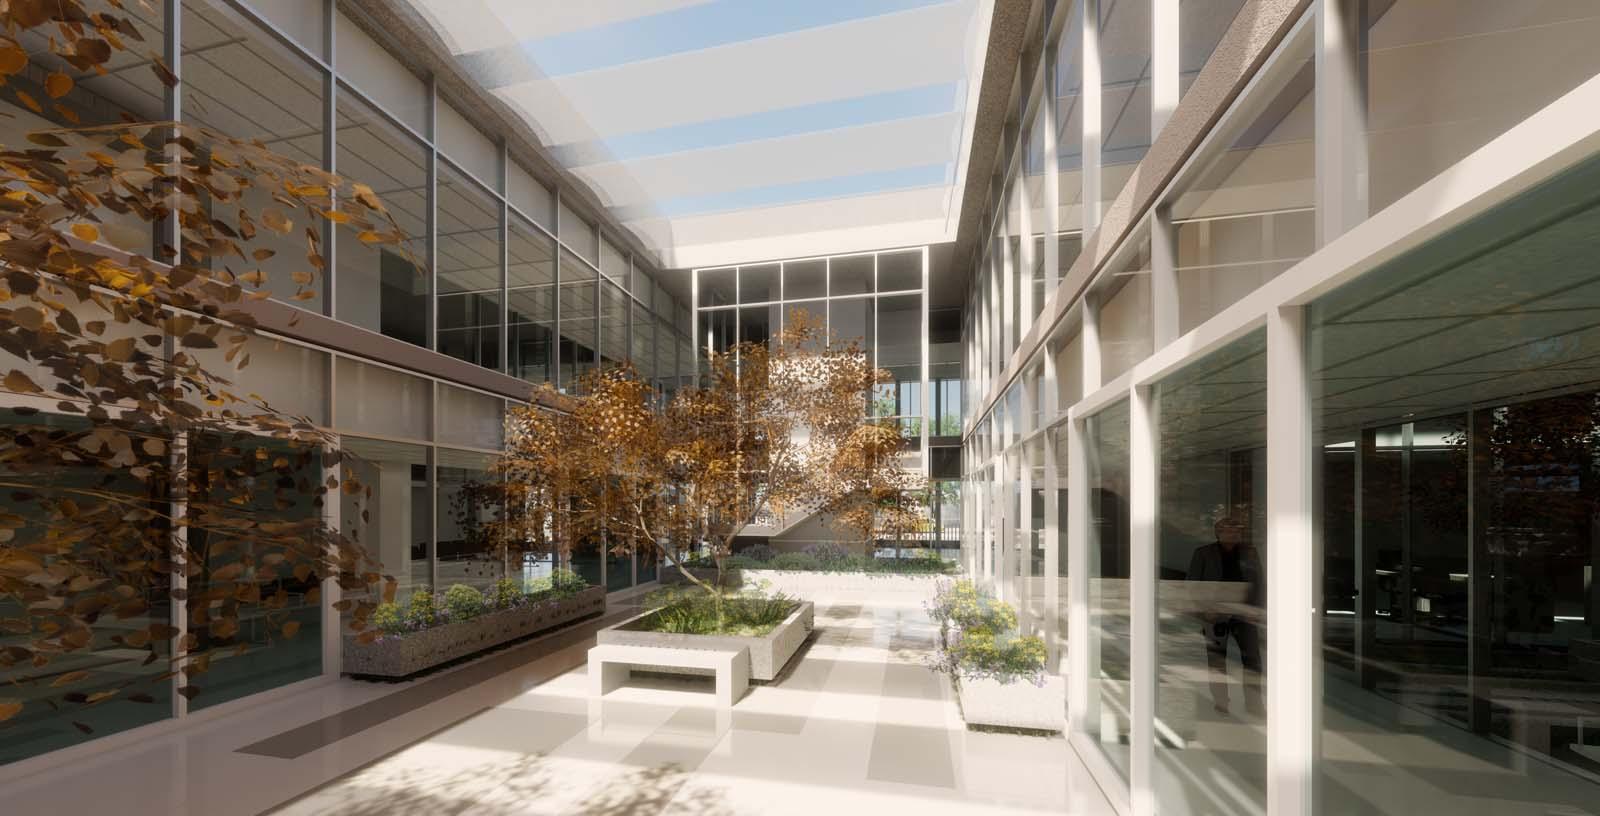 Vallenar_Court_06_Architecture_IDOM_copyright_IDOM